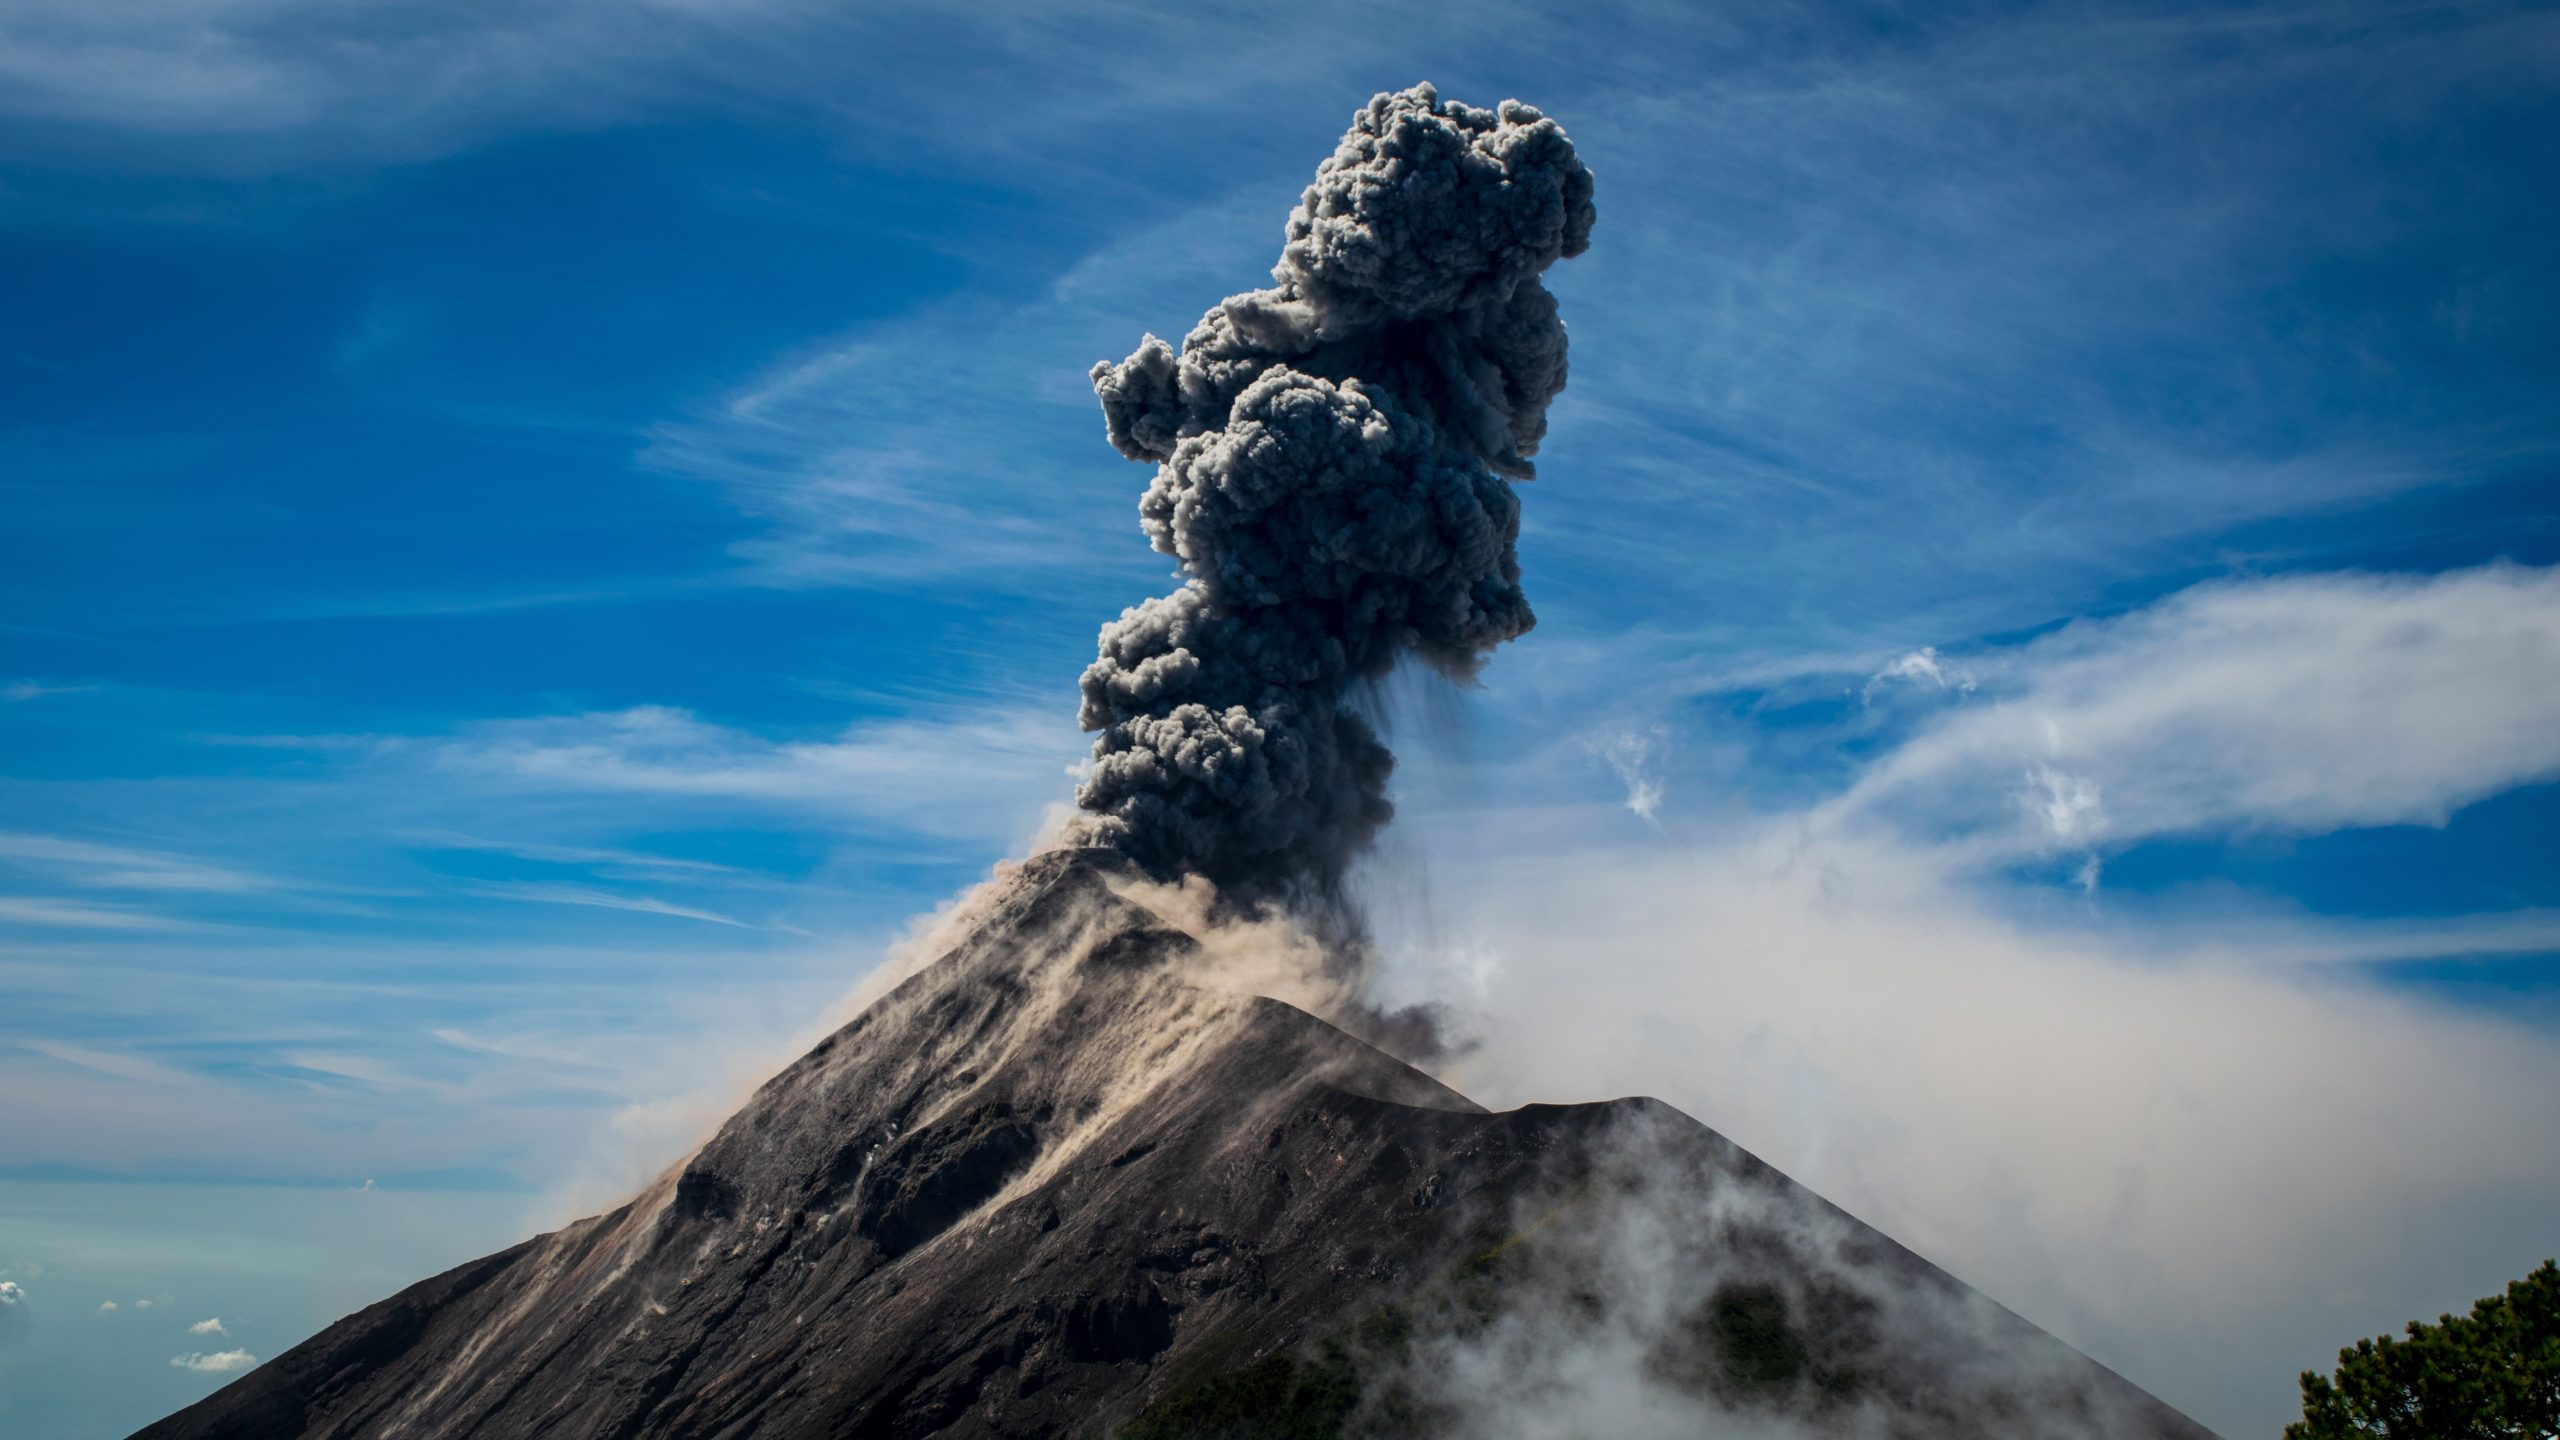 No último domingo (19), por volta das 11h15 no horário de Brasília o vulcão acabou entrando em erupção, lançando cinzas por todo parque nacional. (Foto: Unsplash)